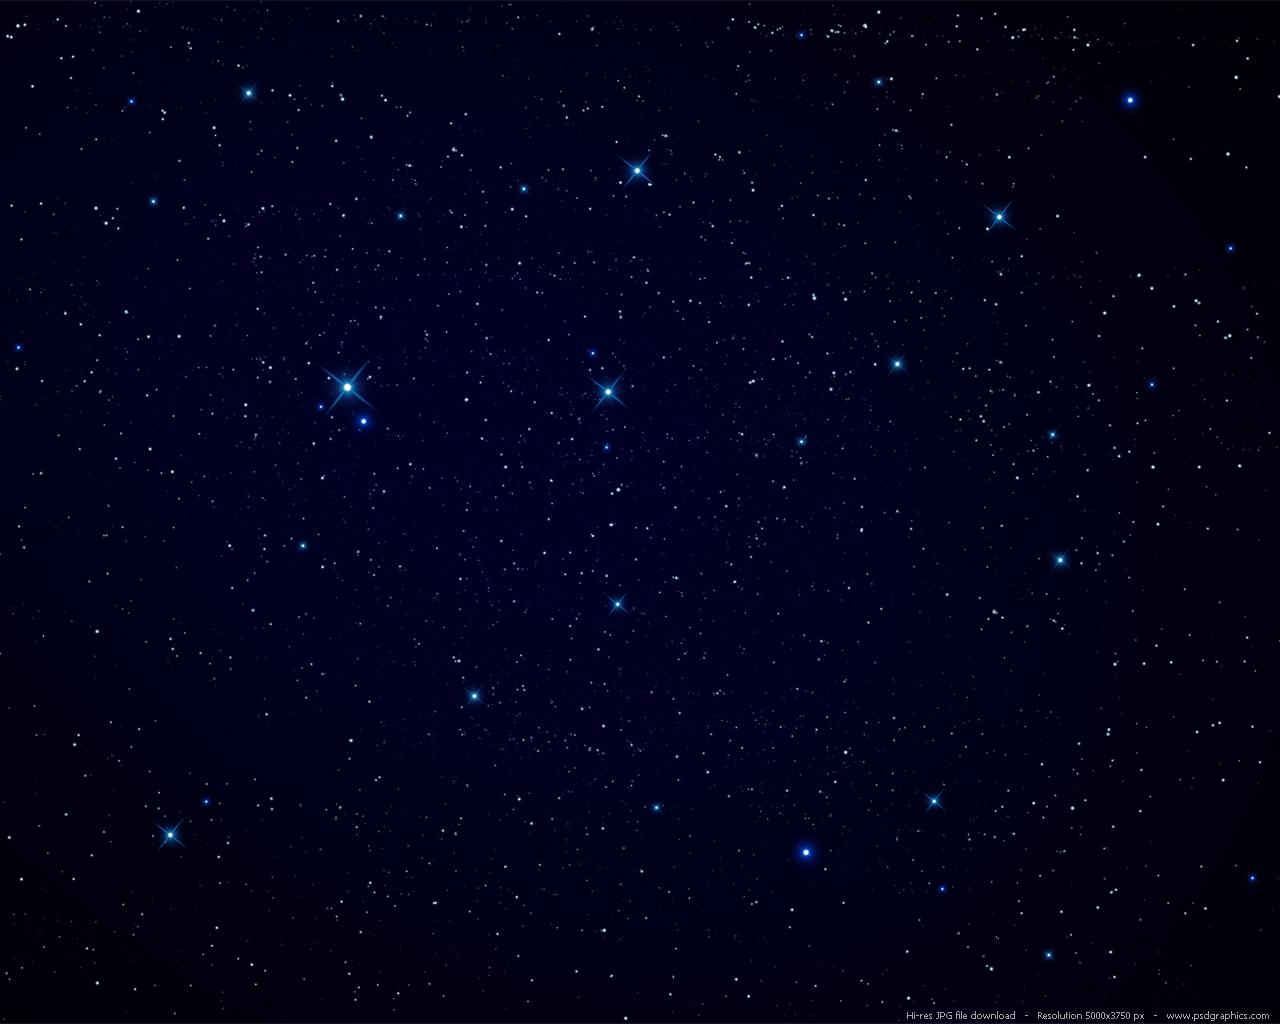 Night sky stars background PSDGraphics 1280x1024